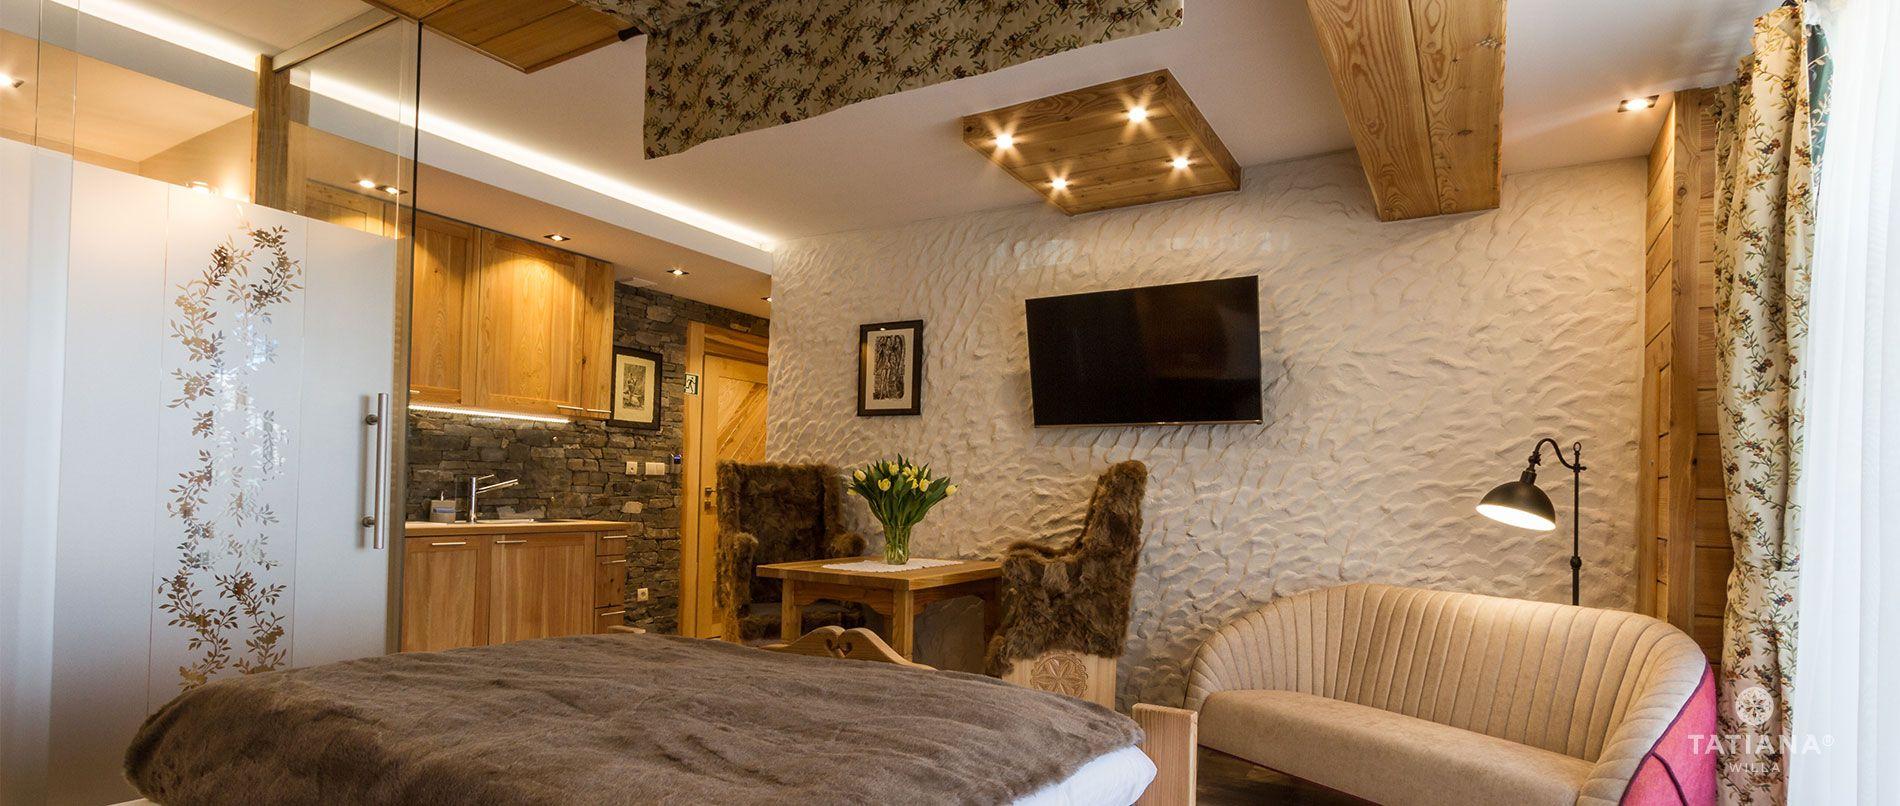 Apartament Modrzewiowy - aneks kuchenny i salon